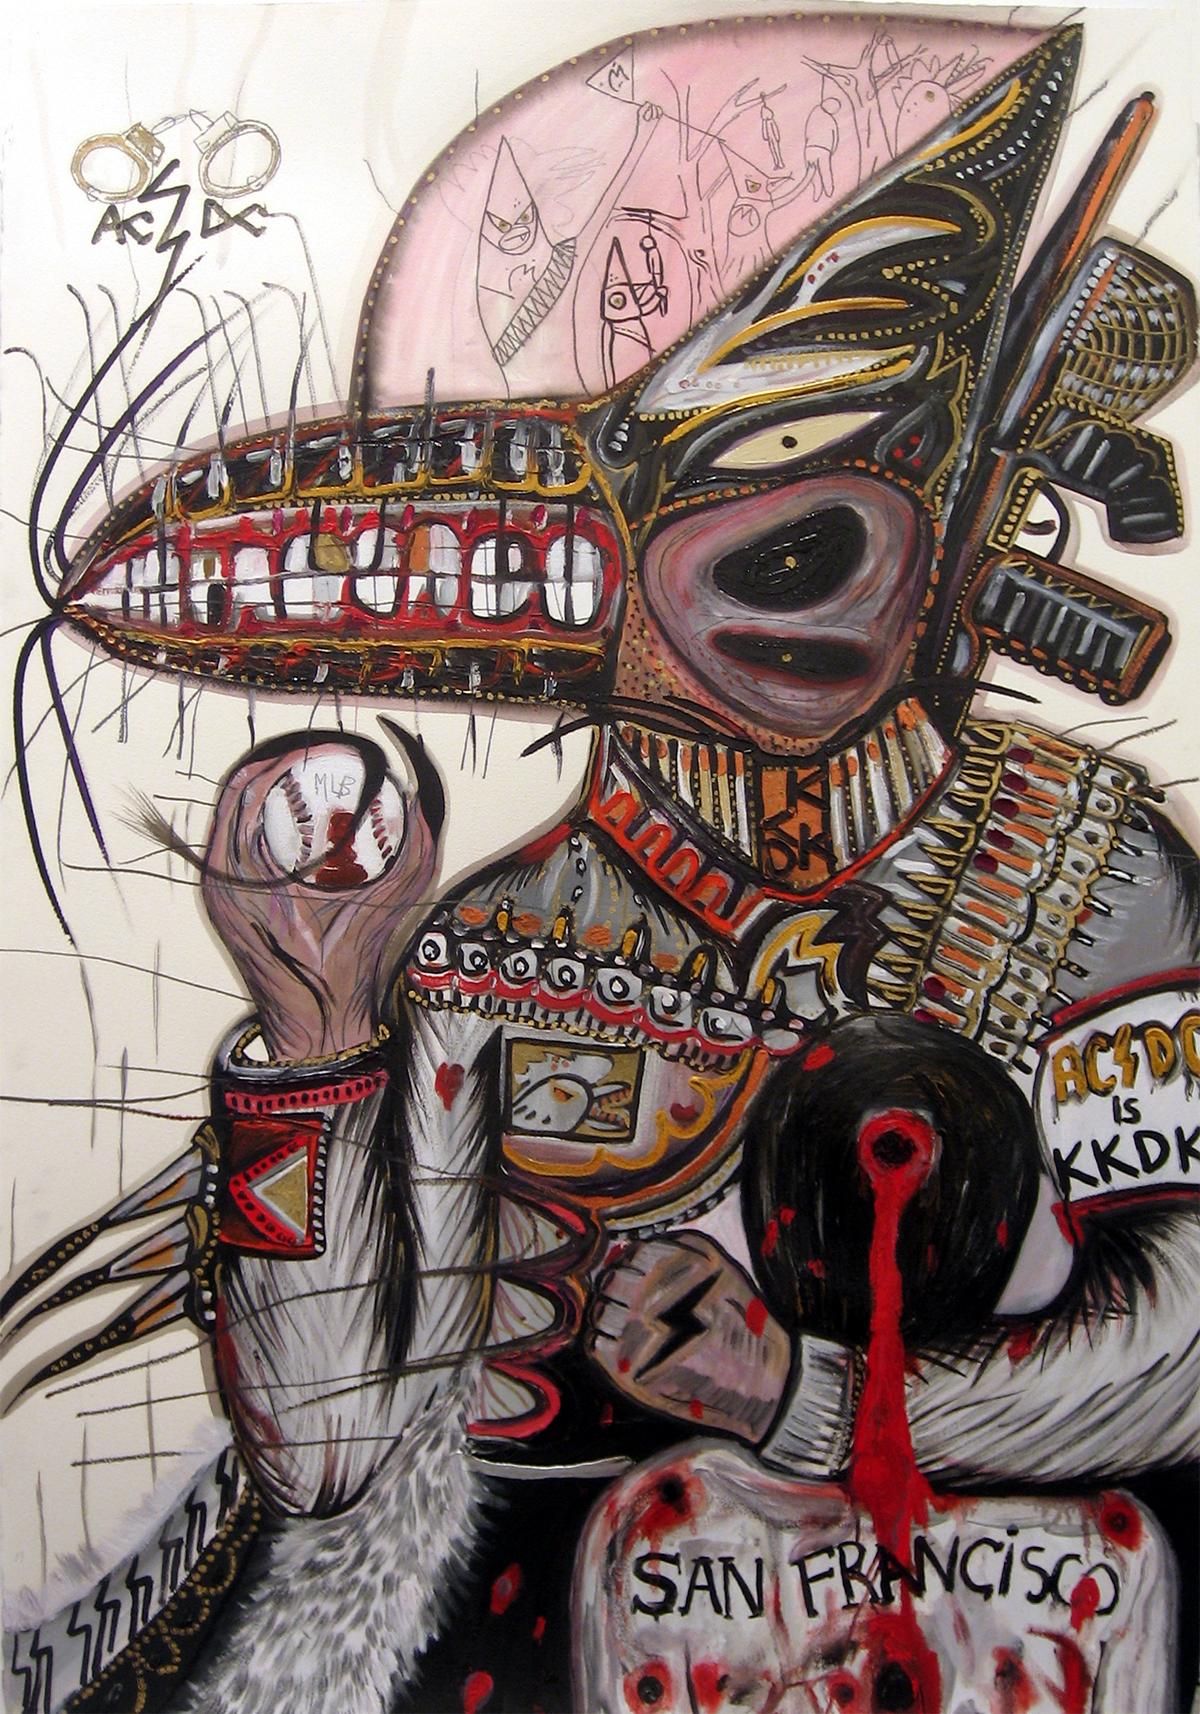 Abdul Vas. The Texas Chainsaw Massacre + Cincinnati Reds. Sir AntichristAnal Vomit Black Holes XXX, 2006